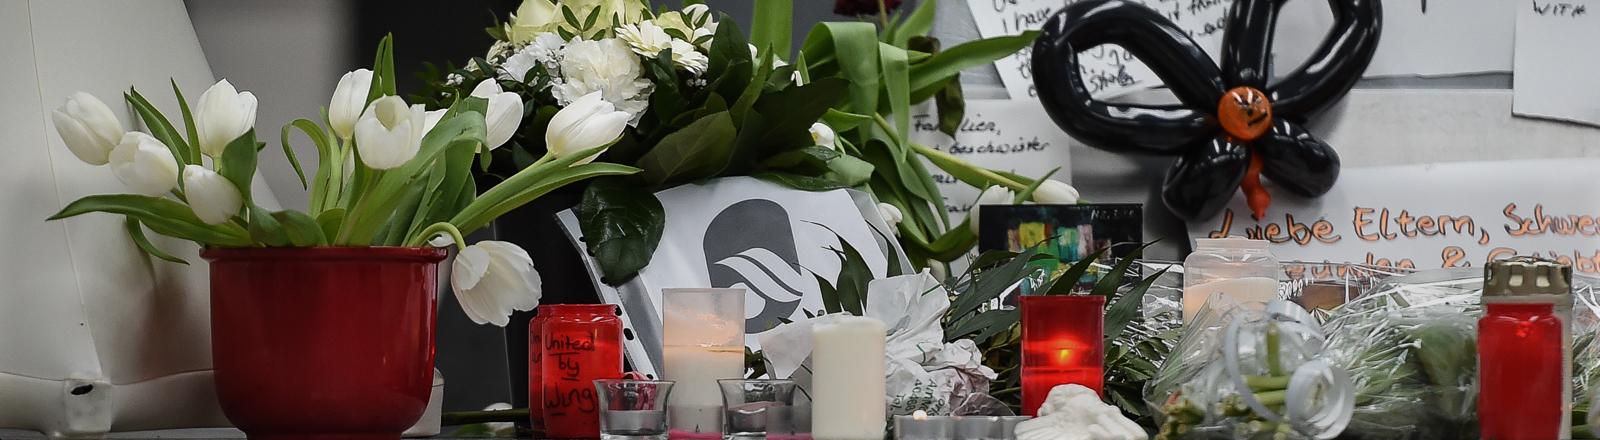 Kerzen, Blumen und Briefe sind am 26.03.2015 am Flughafen in Düsseldorf (Nordrhein-Westfalen) zu sehen.